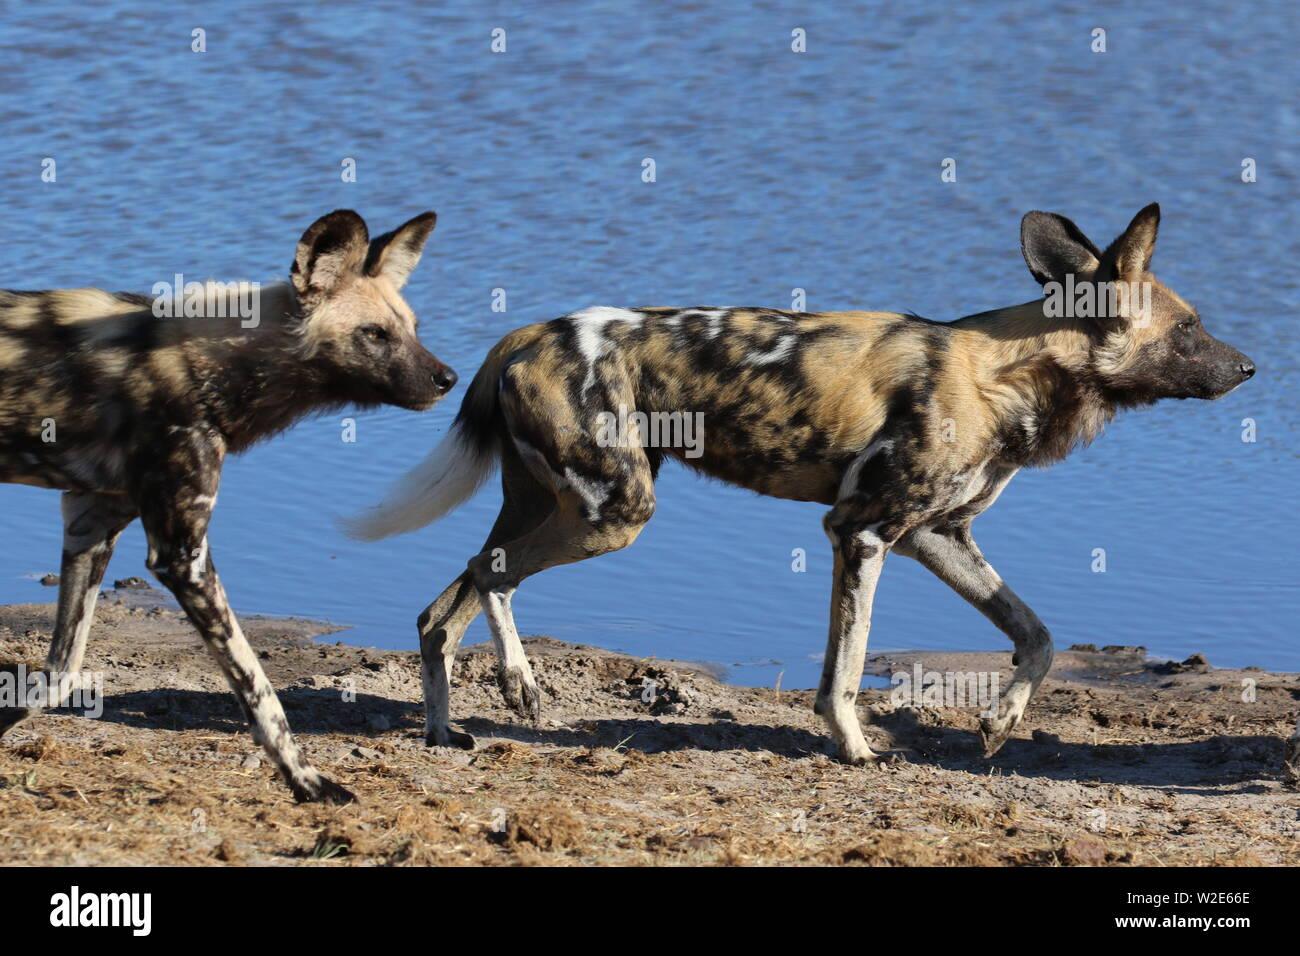 Painted Dogs, Hwange National Park, Zimbabwe Stock Photo